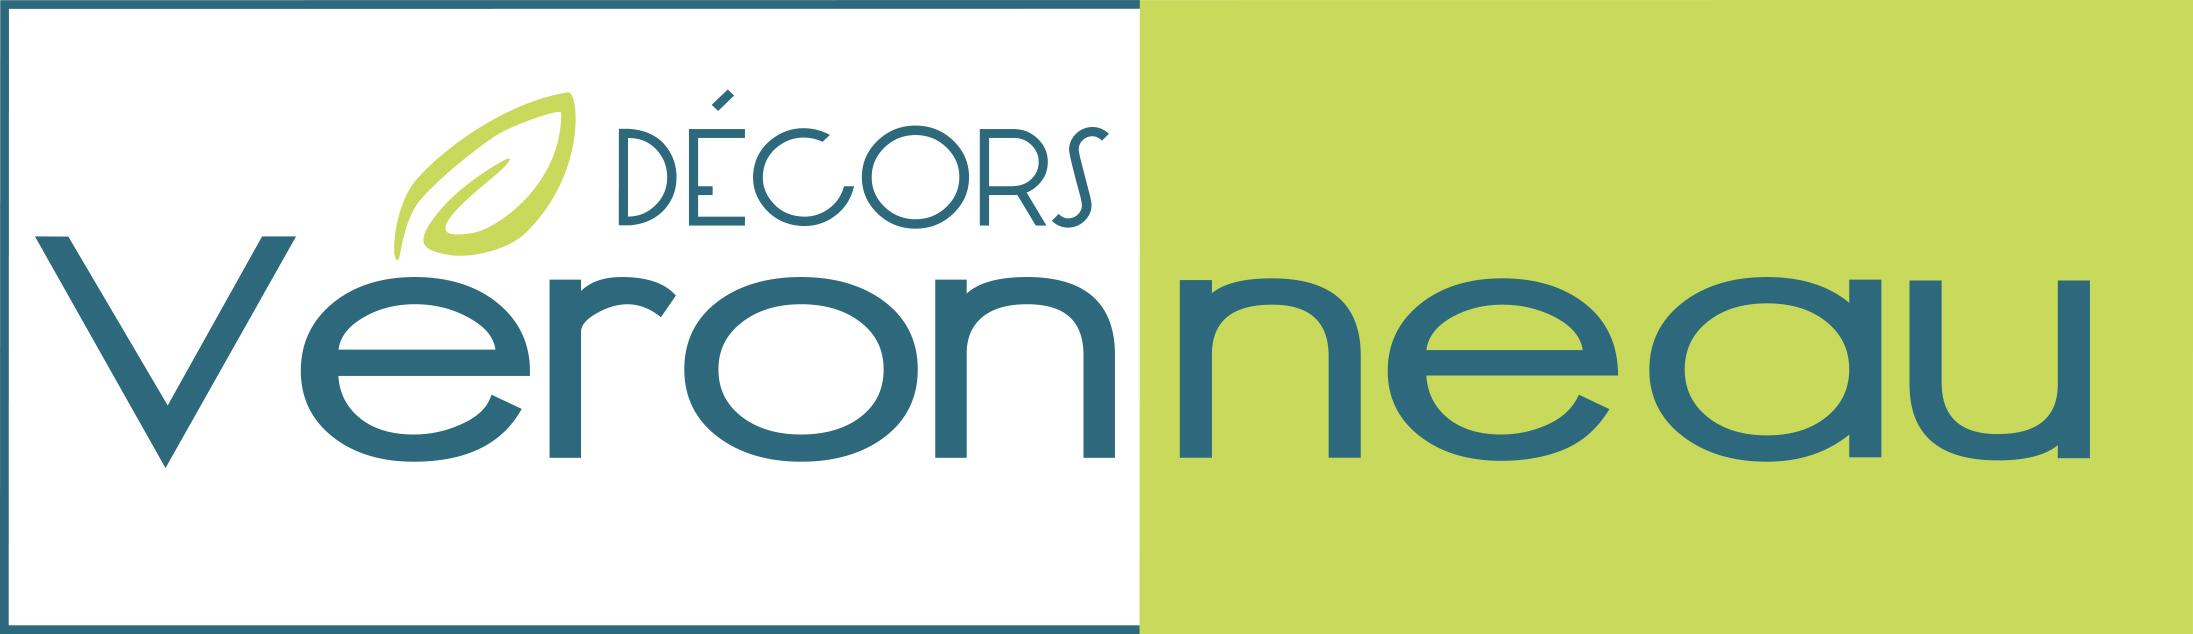 Décors Véronneau logo